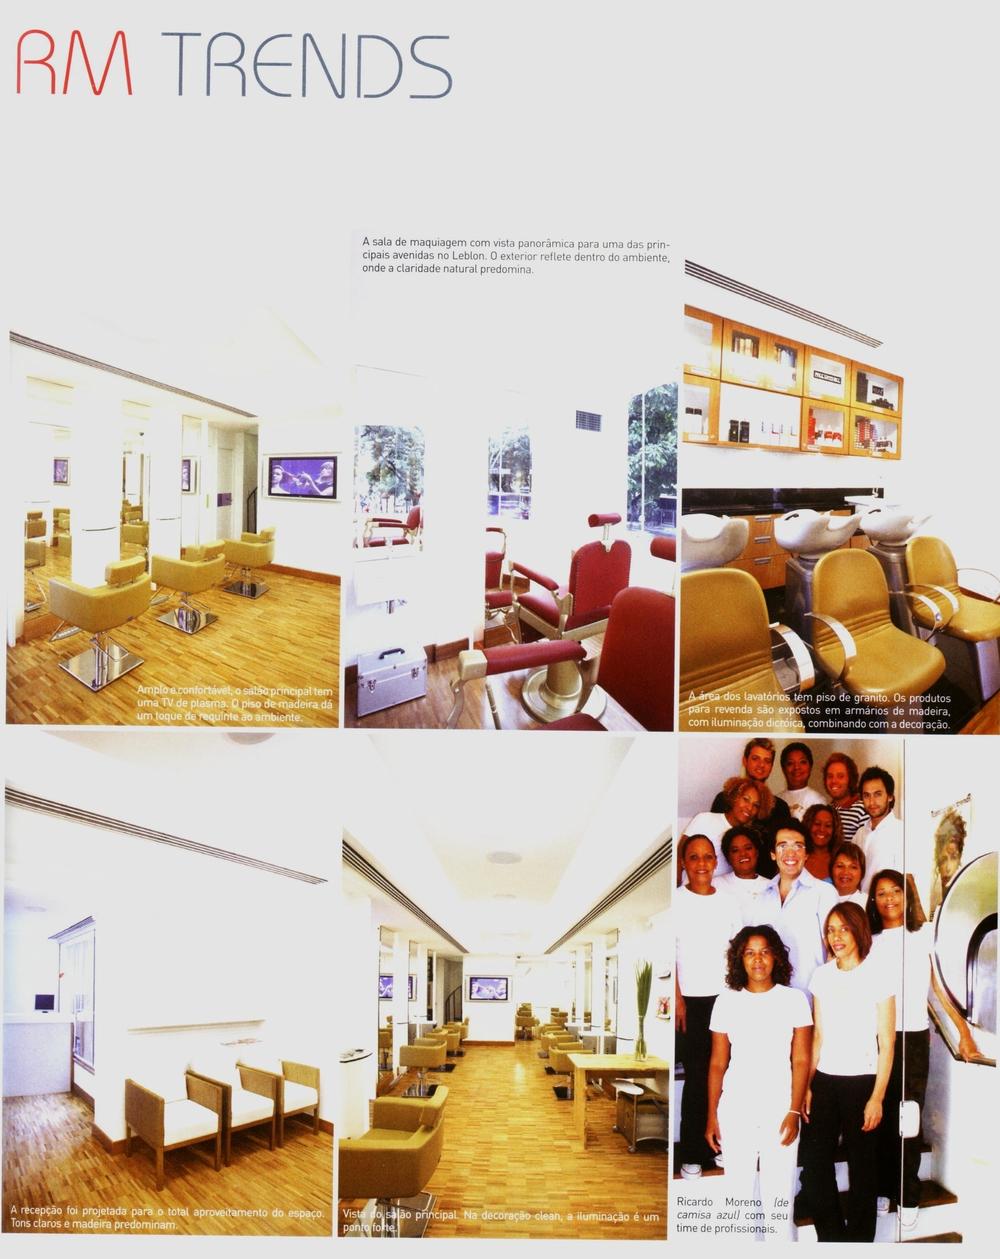 Be Fashion RM Trends  Nº 6 2007 02.jpg